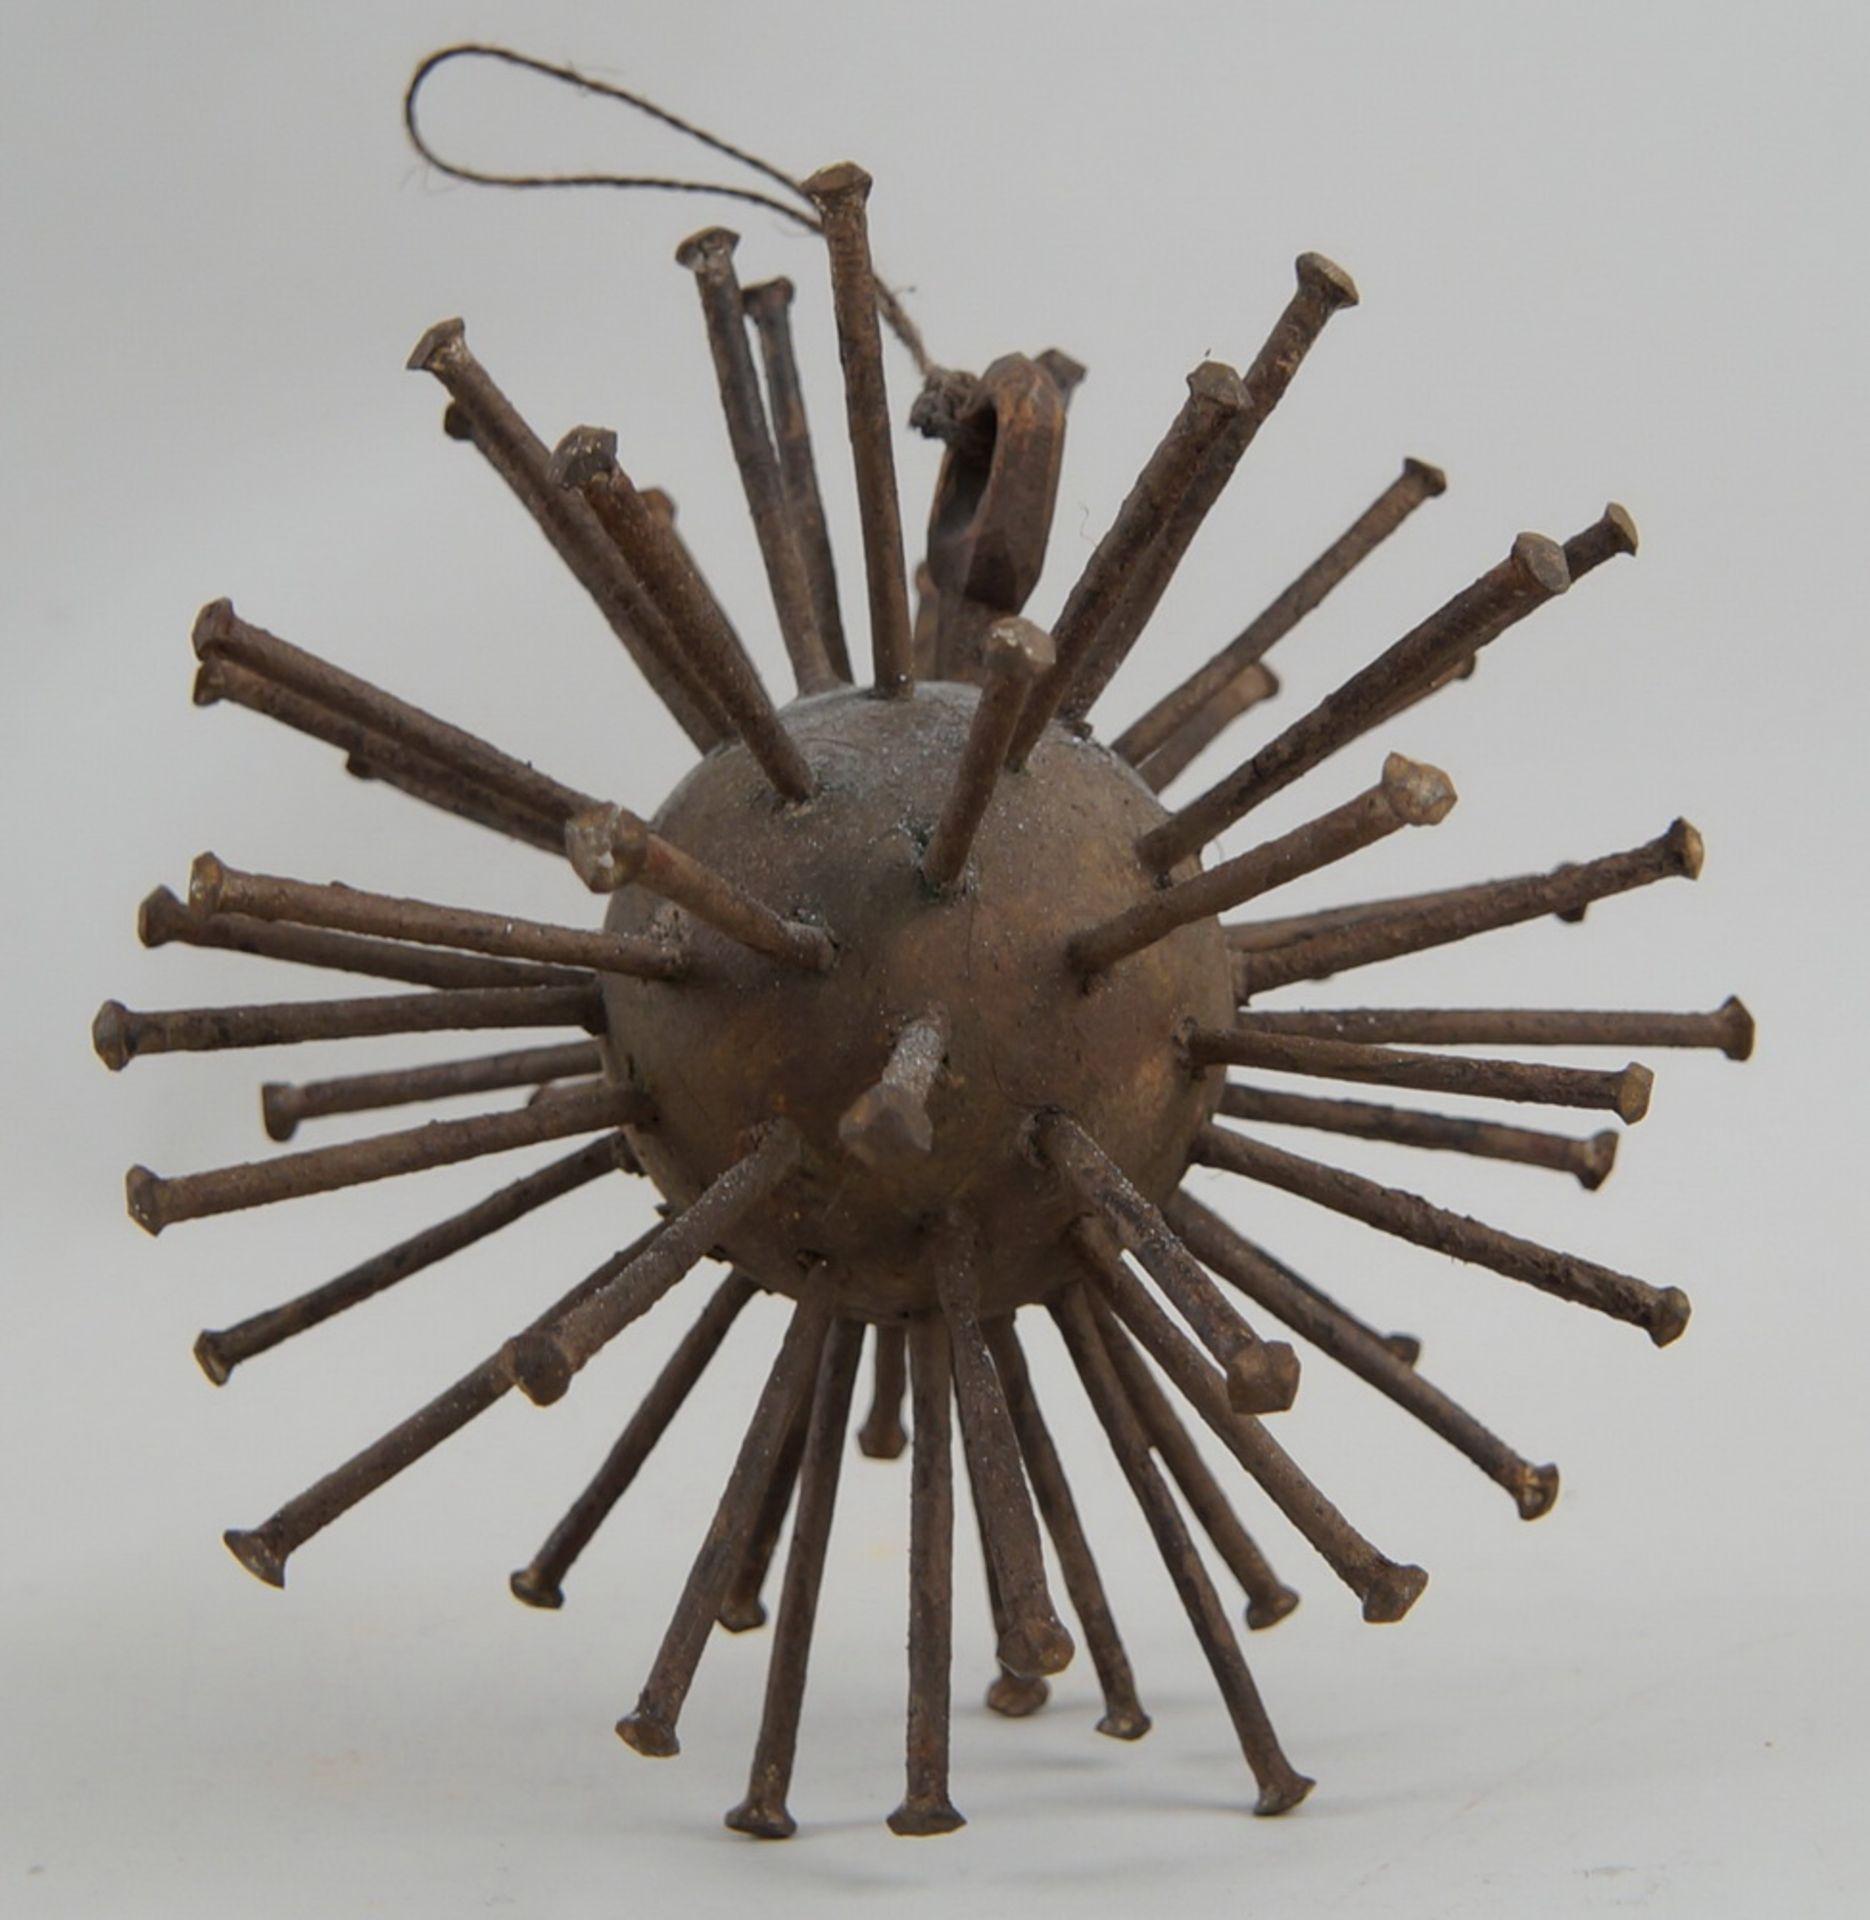 Grosse Votivgabe in Form eines Sternes, zur Abwehr von Krankheiten, mit Eisenstacheln,Durchmesser 18 - Bild 3 aus 5